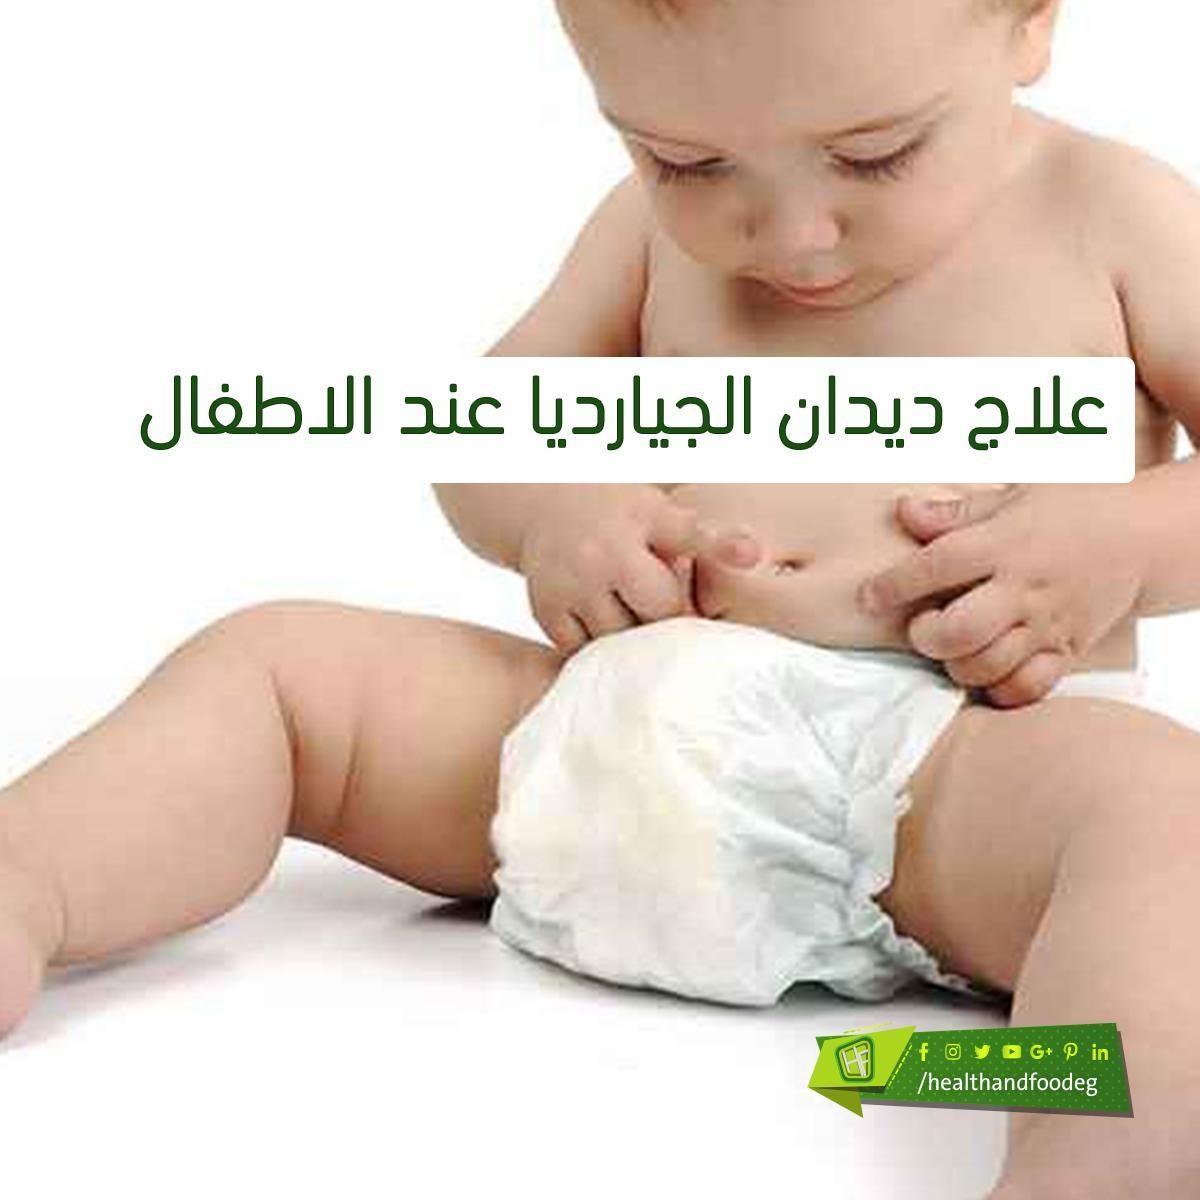 علاج ديدان الجيارديا عند الاطفال